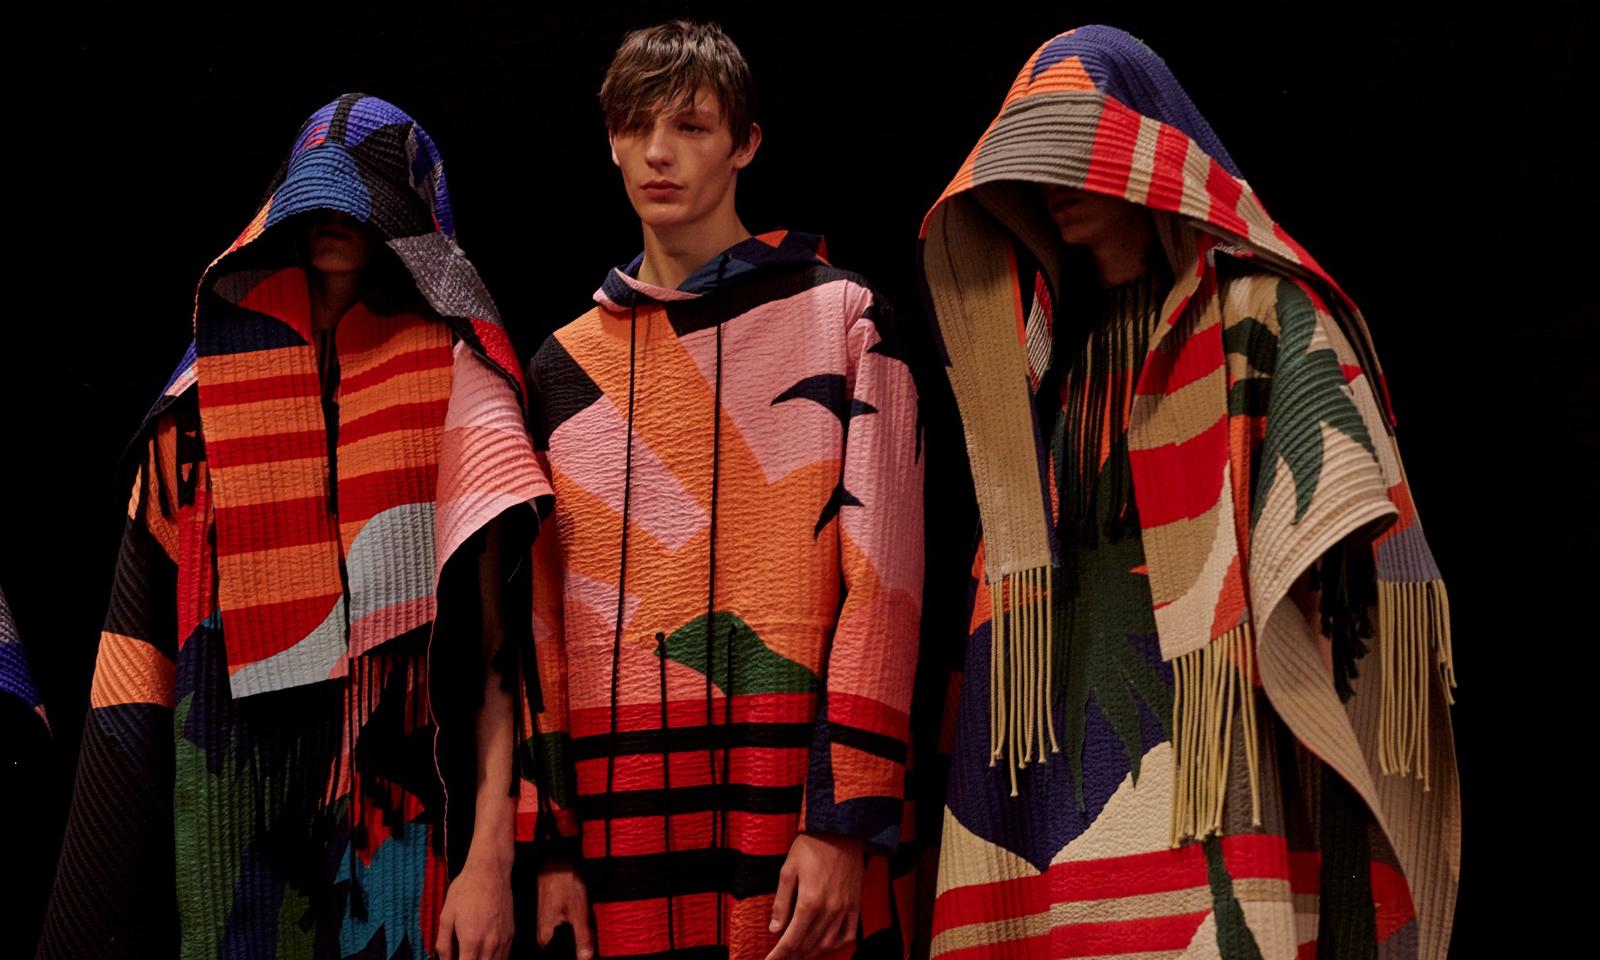 英国时装协会将为伦敦的 37 个品牌提供财务支持